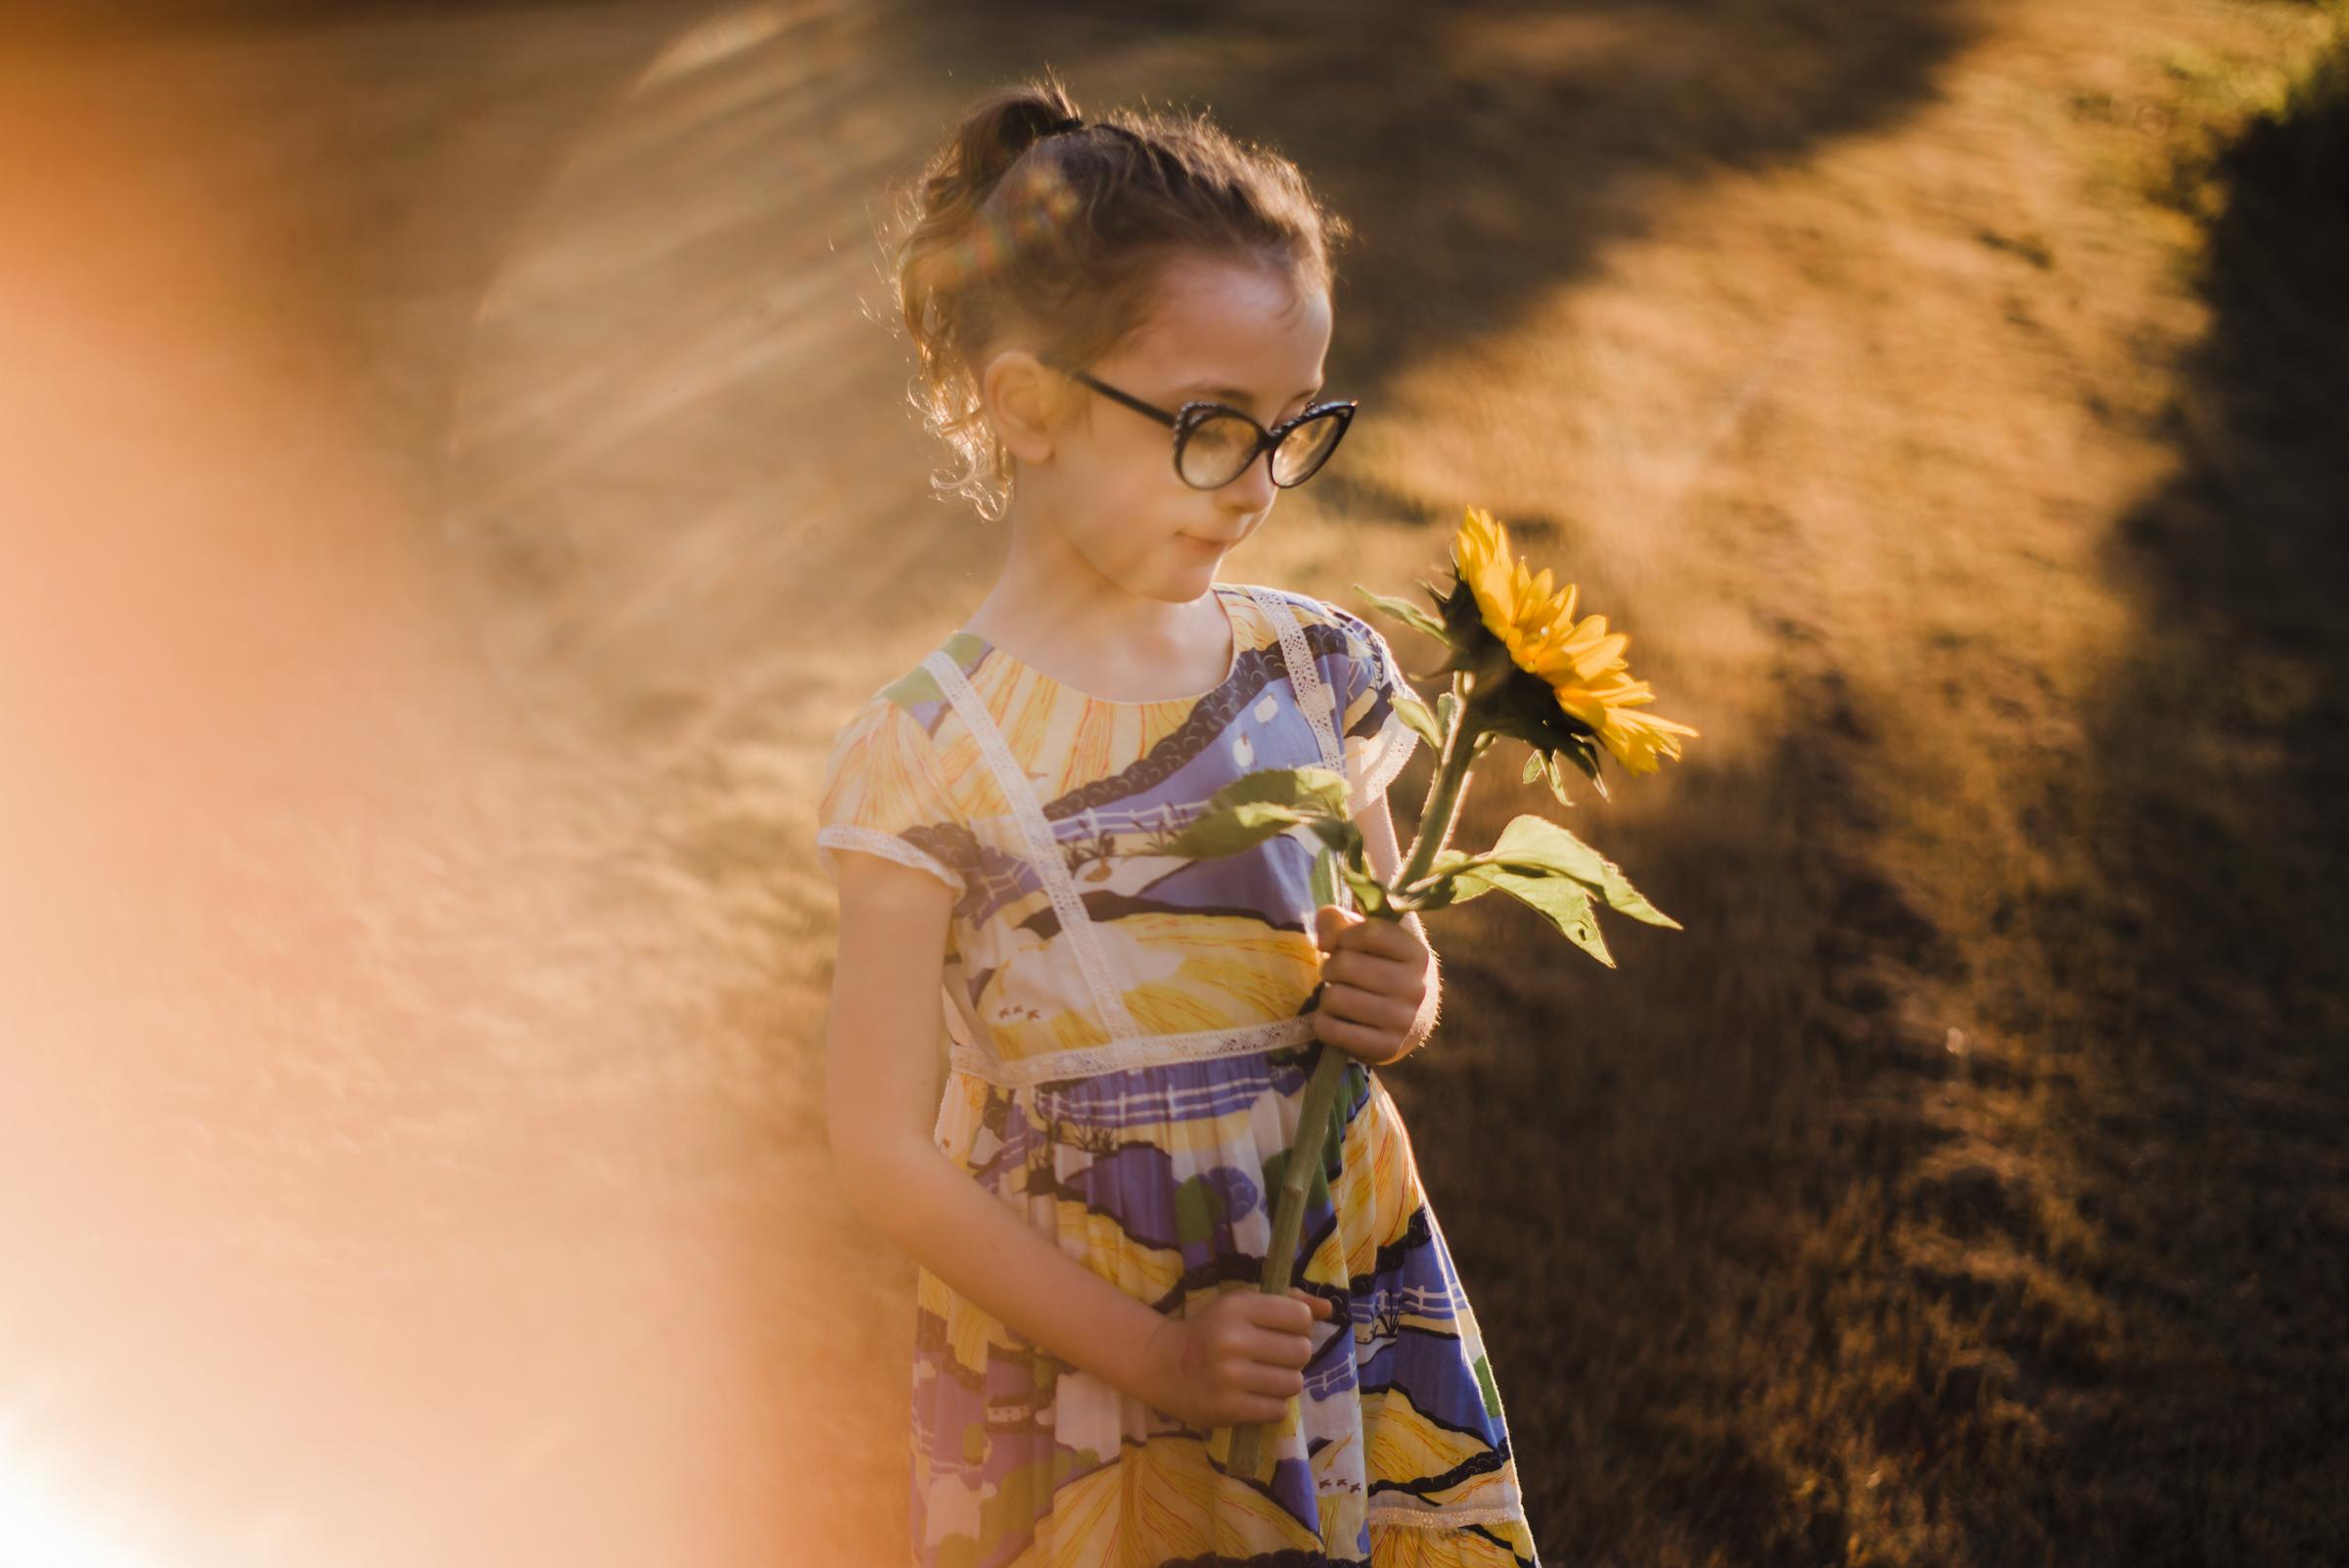 girl_admiring_sunflower.jpg